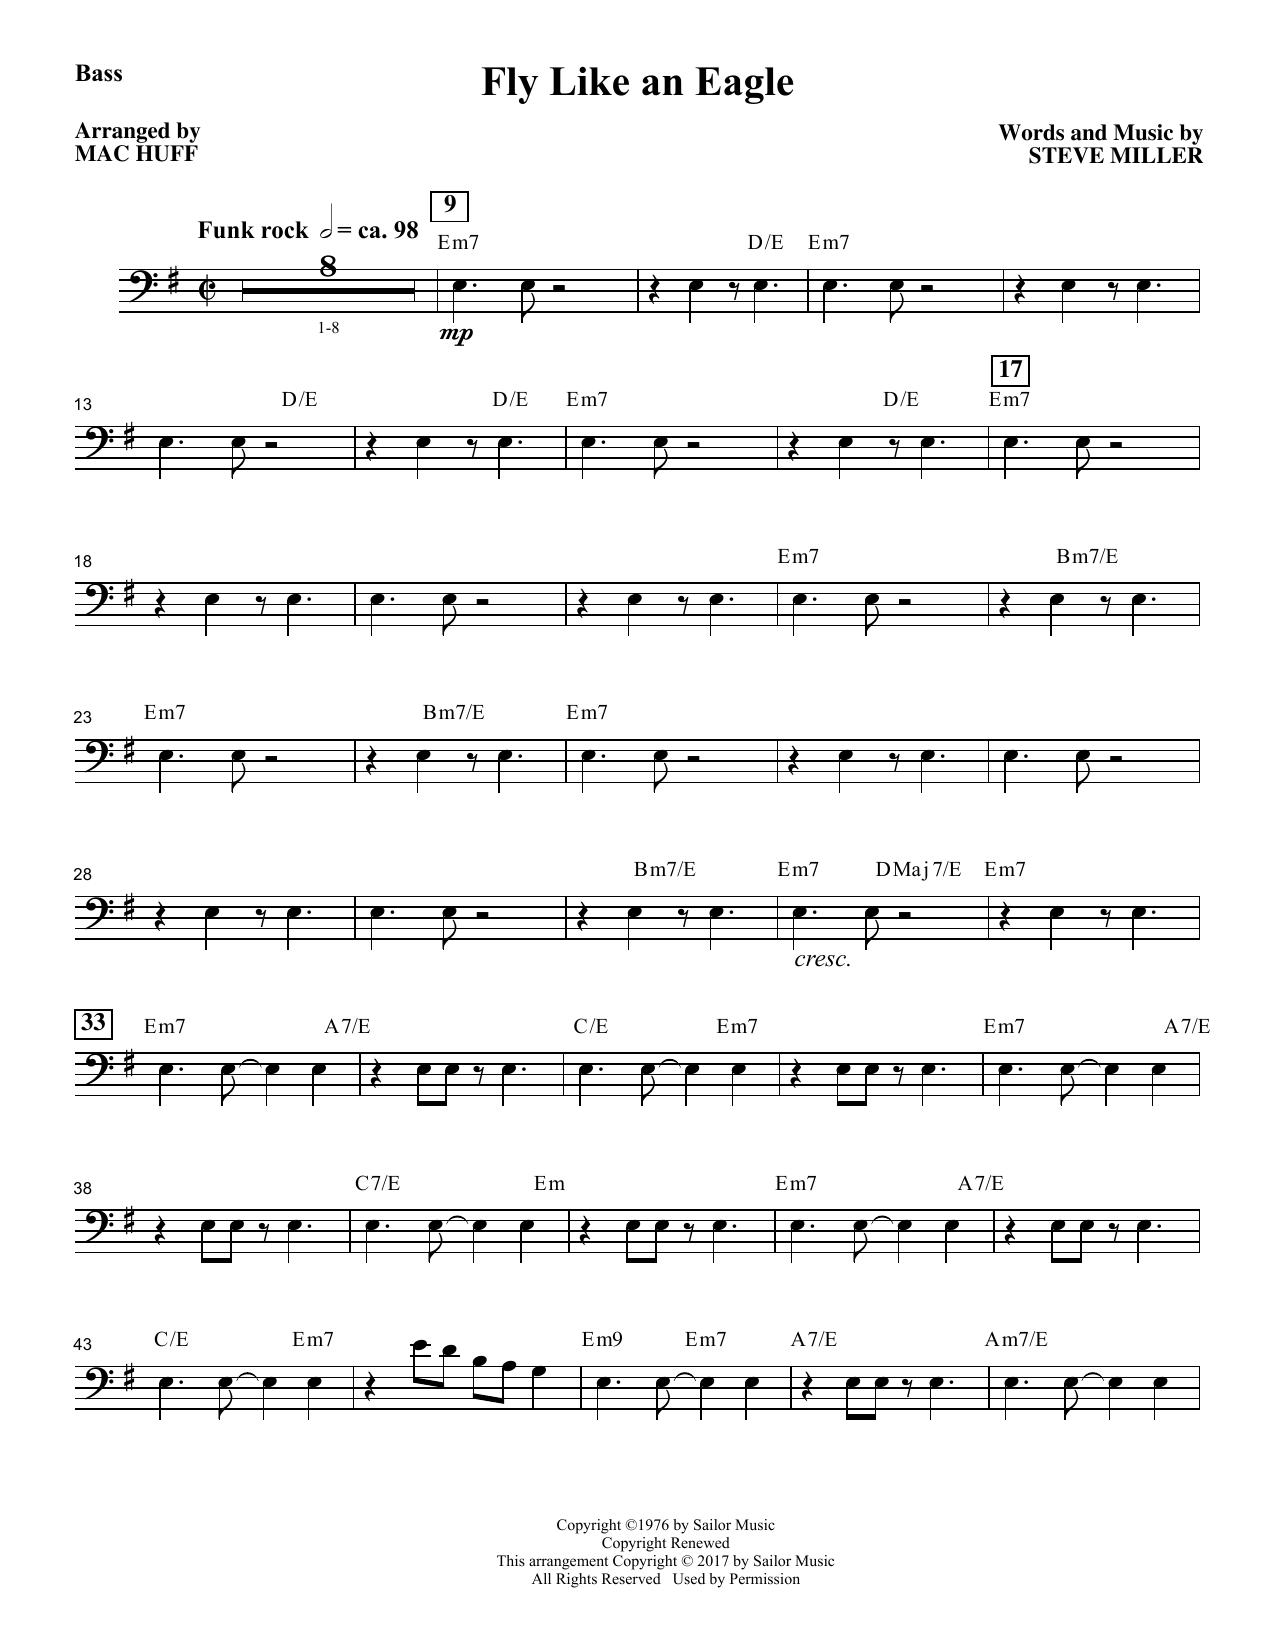 Steve Miller Band - Fly Like an Eagle - Bass